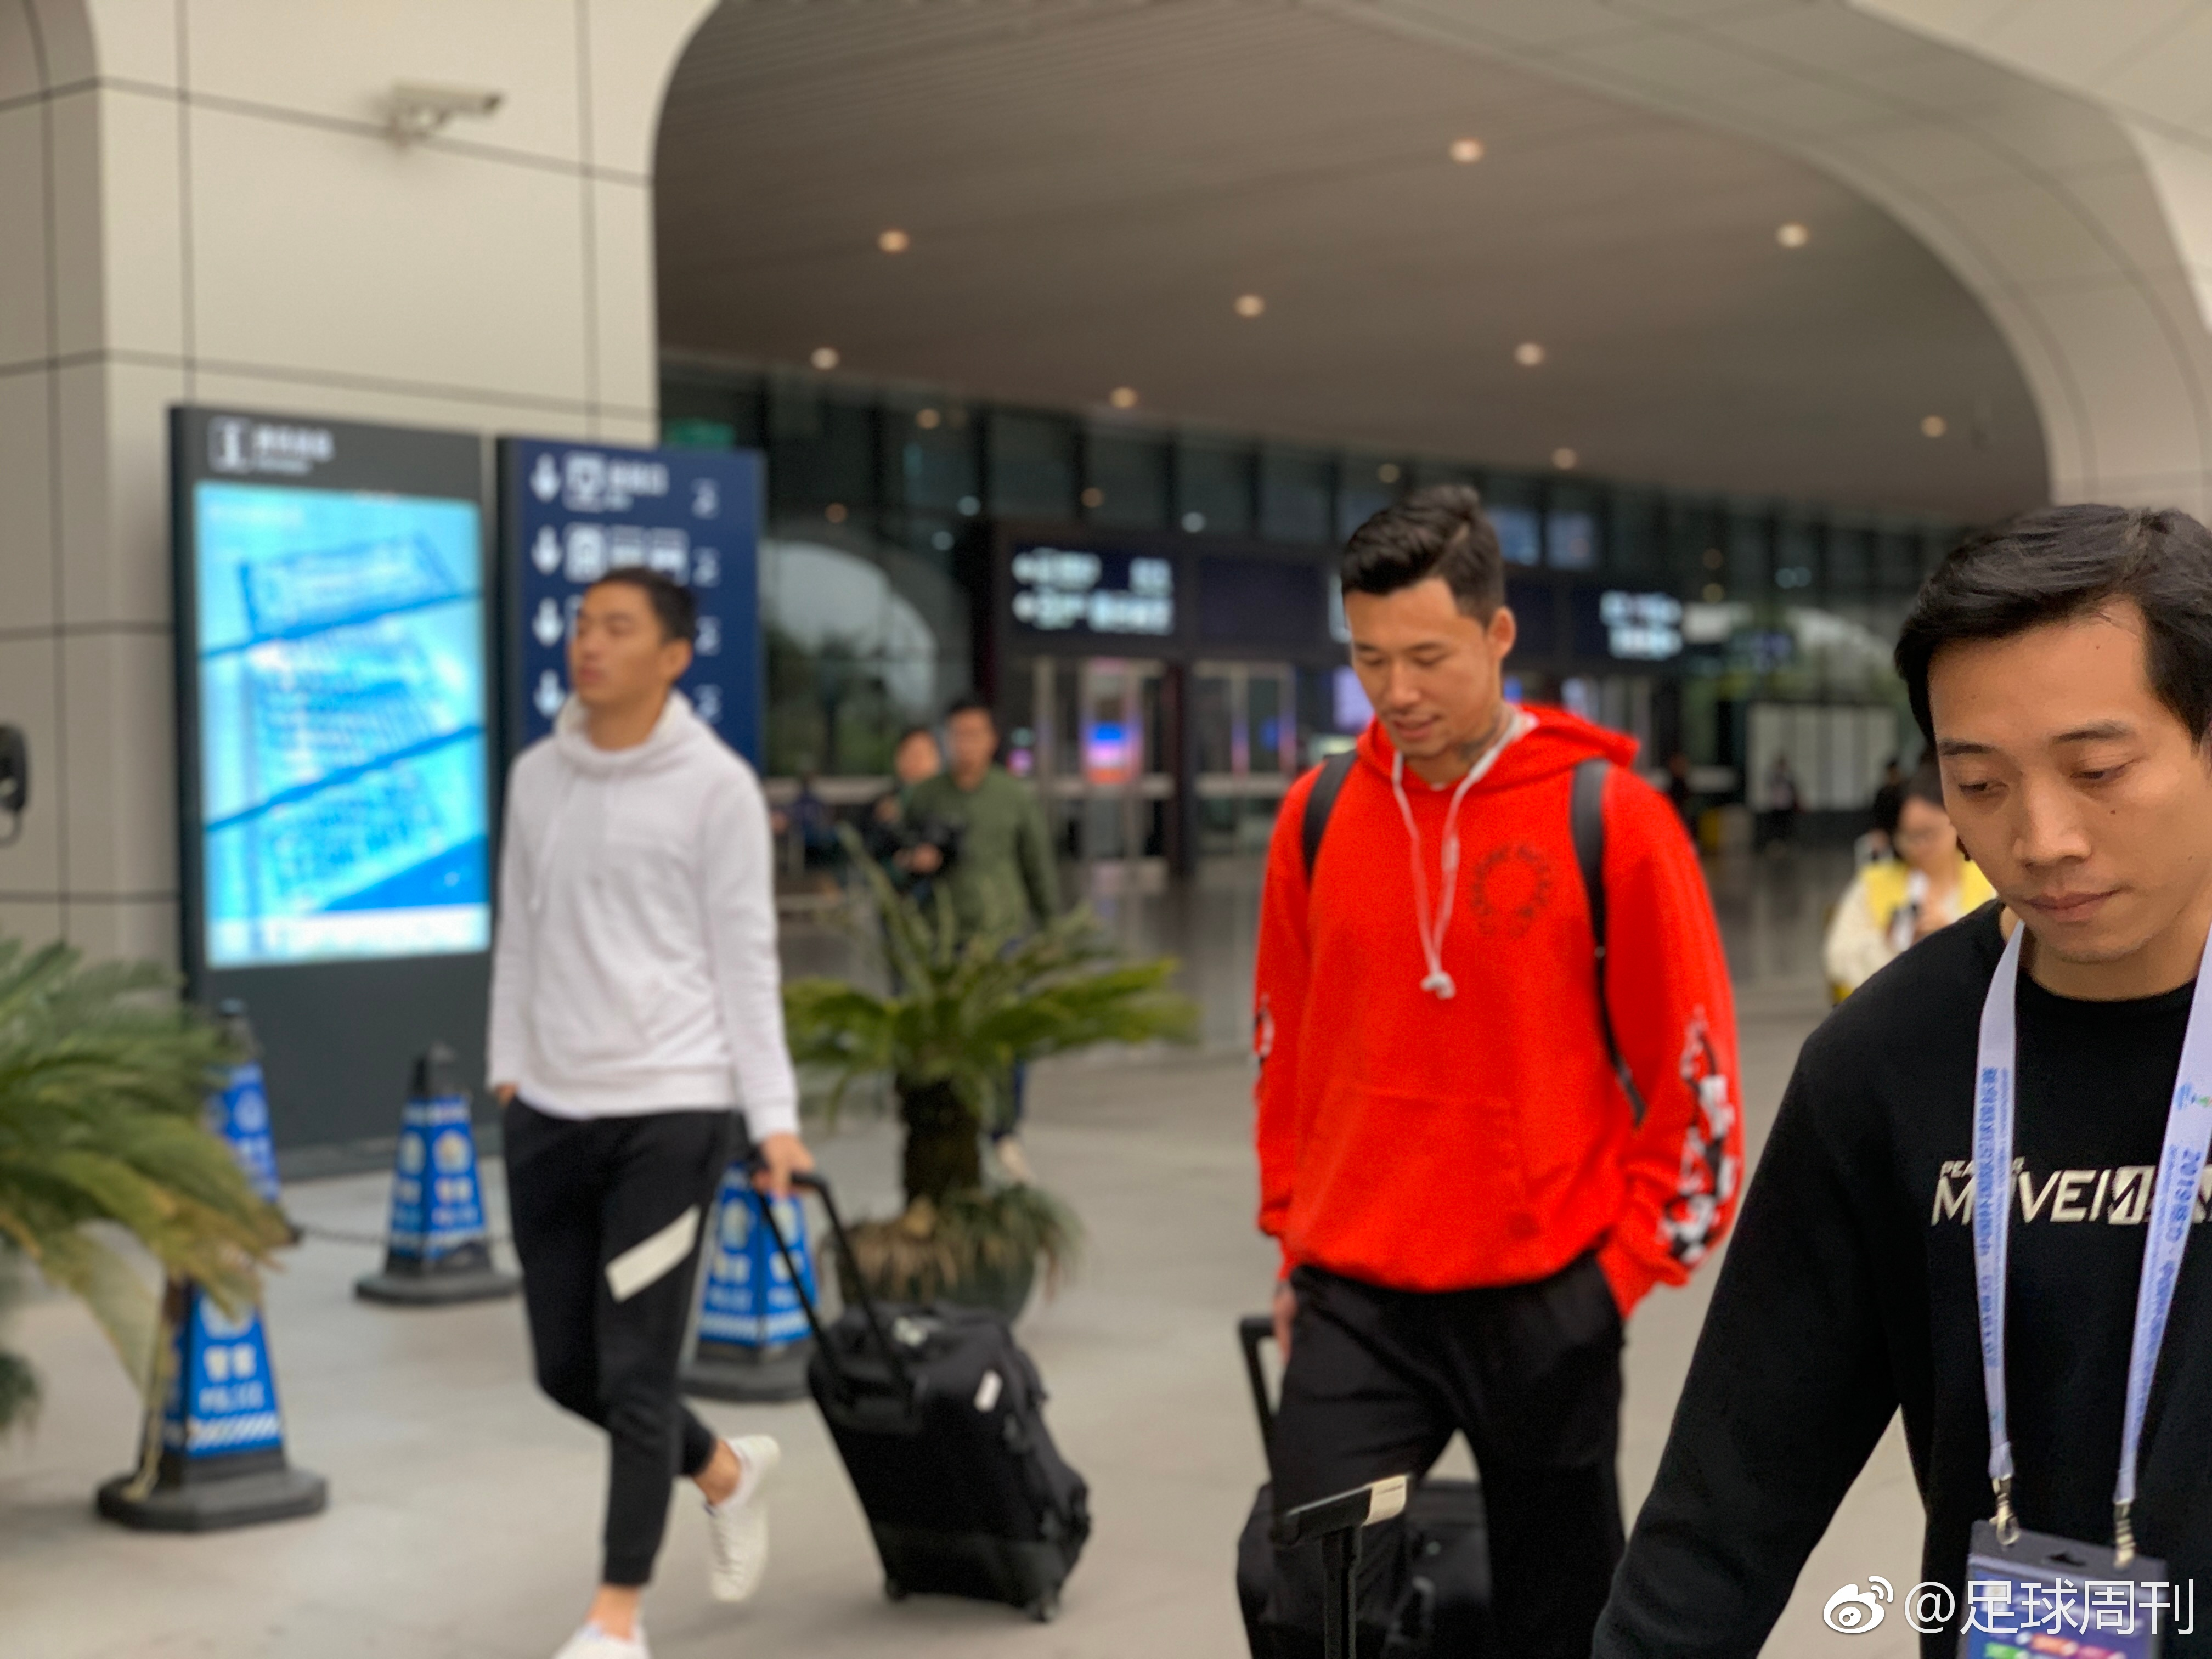 多图流:车站也来宣!冯潇霆、张琳芃抵达南宁